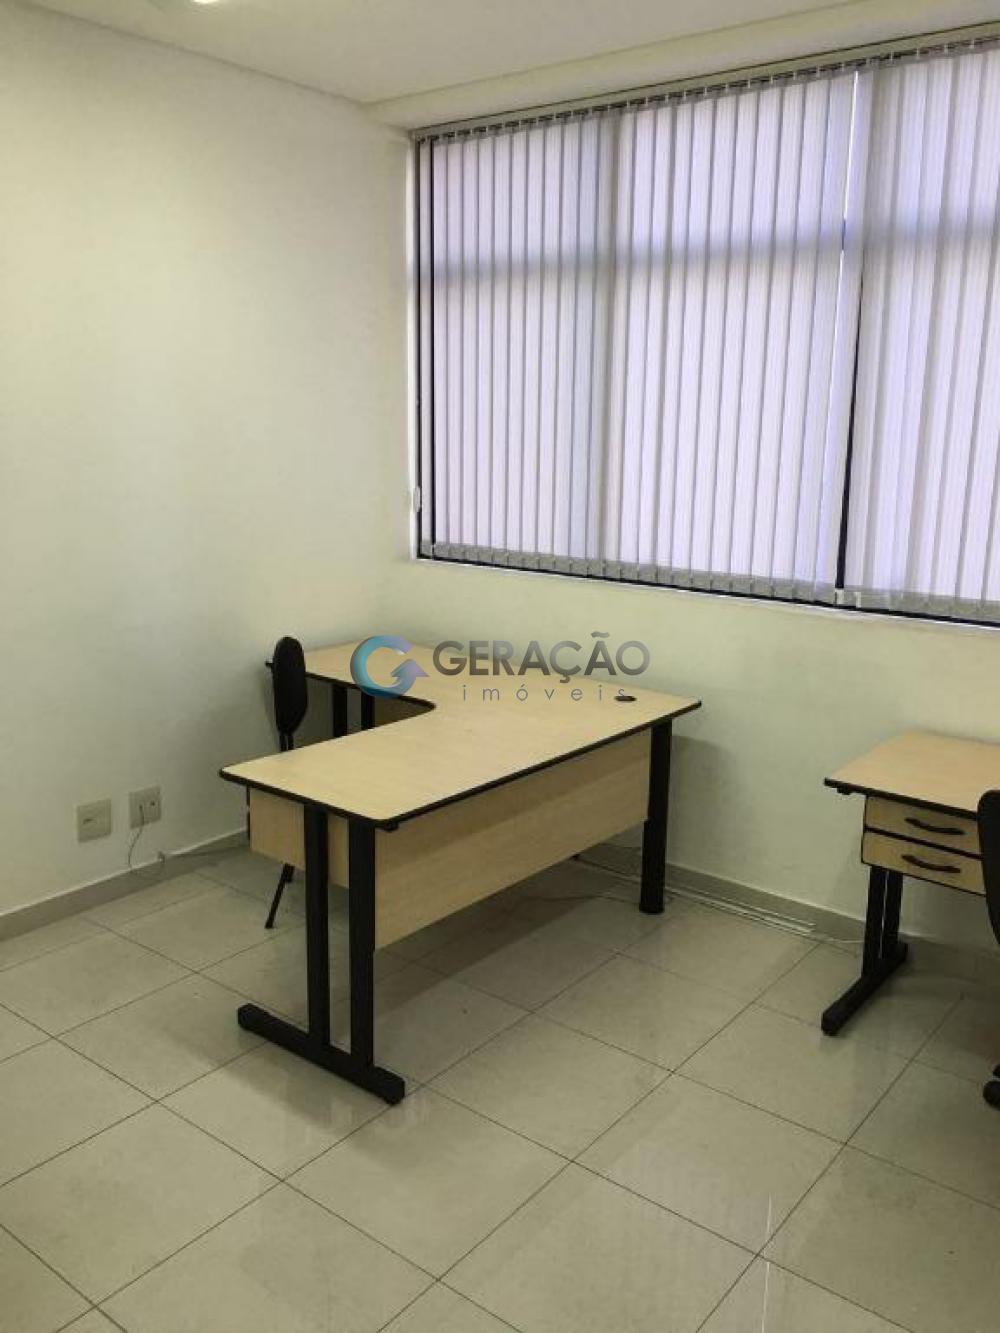 Alugar Comercial / Sala em Condomínio em São José dos Campos R$ 1.100,00 - Foto 1